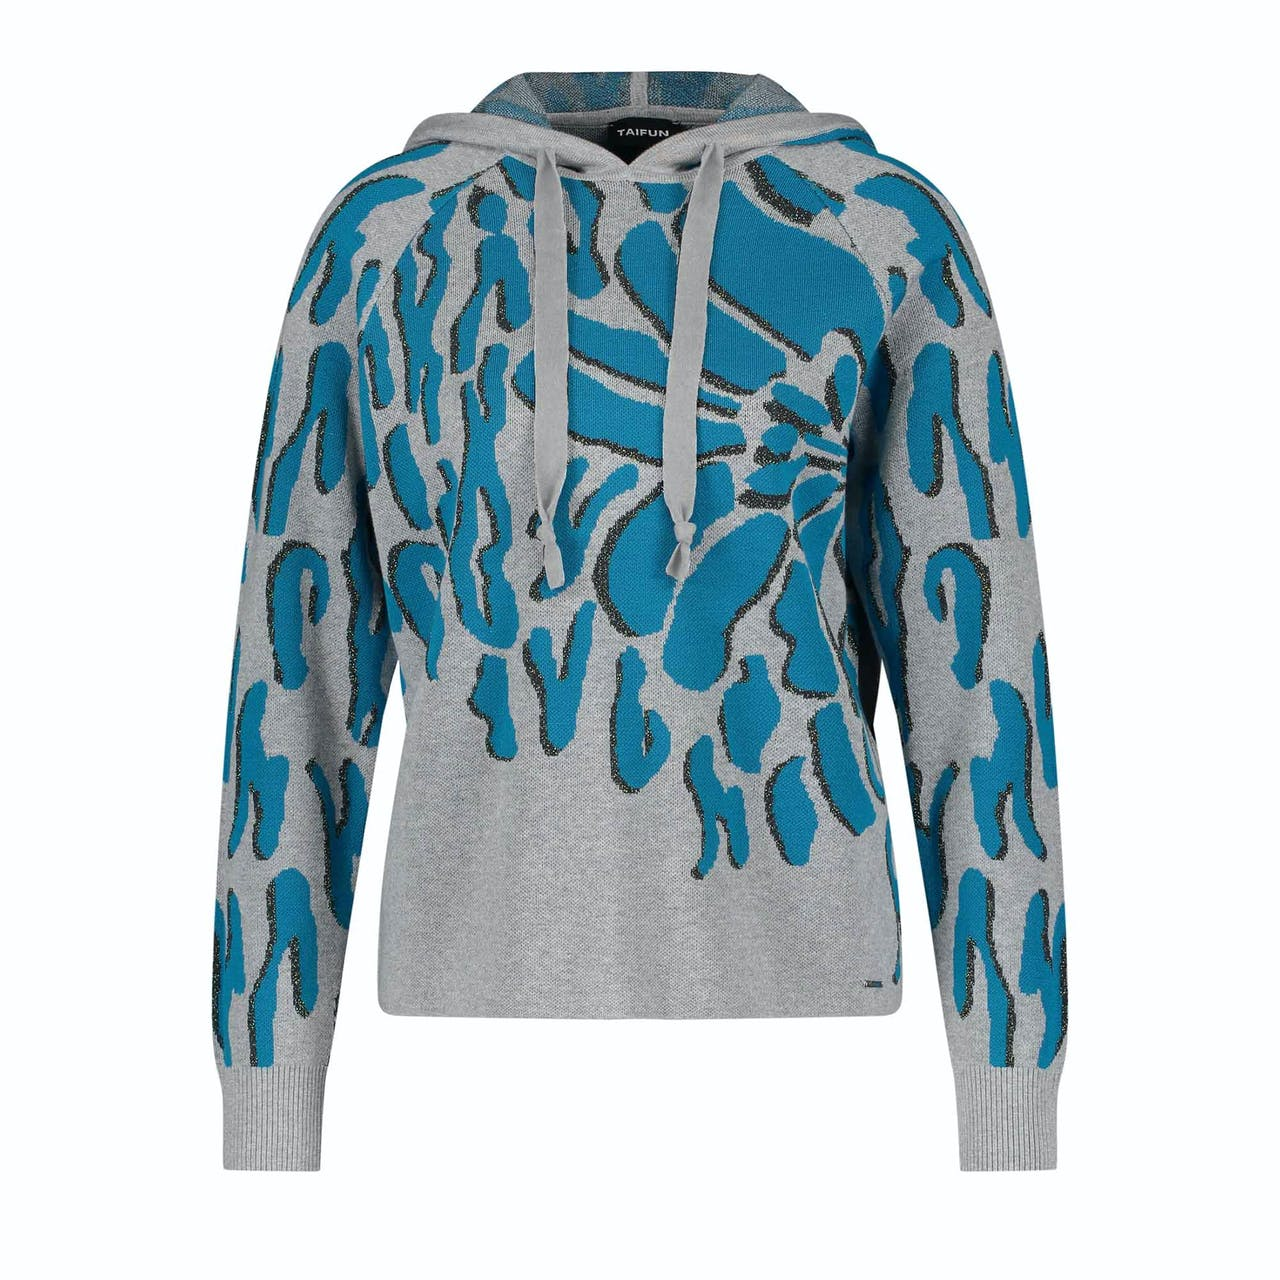 Pullover - Regular Fit - Muster